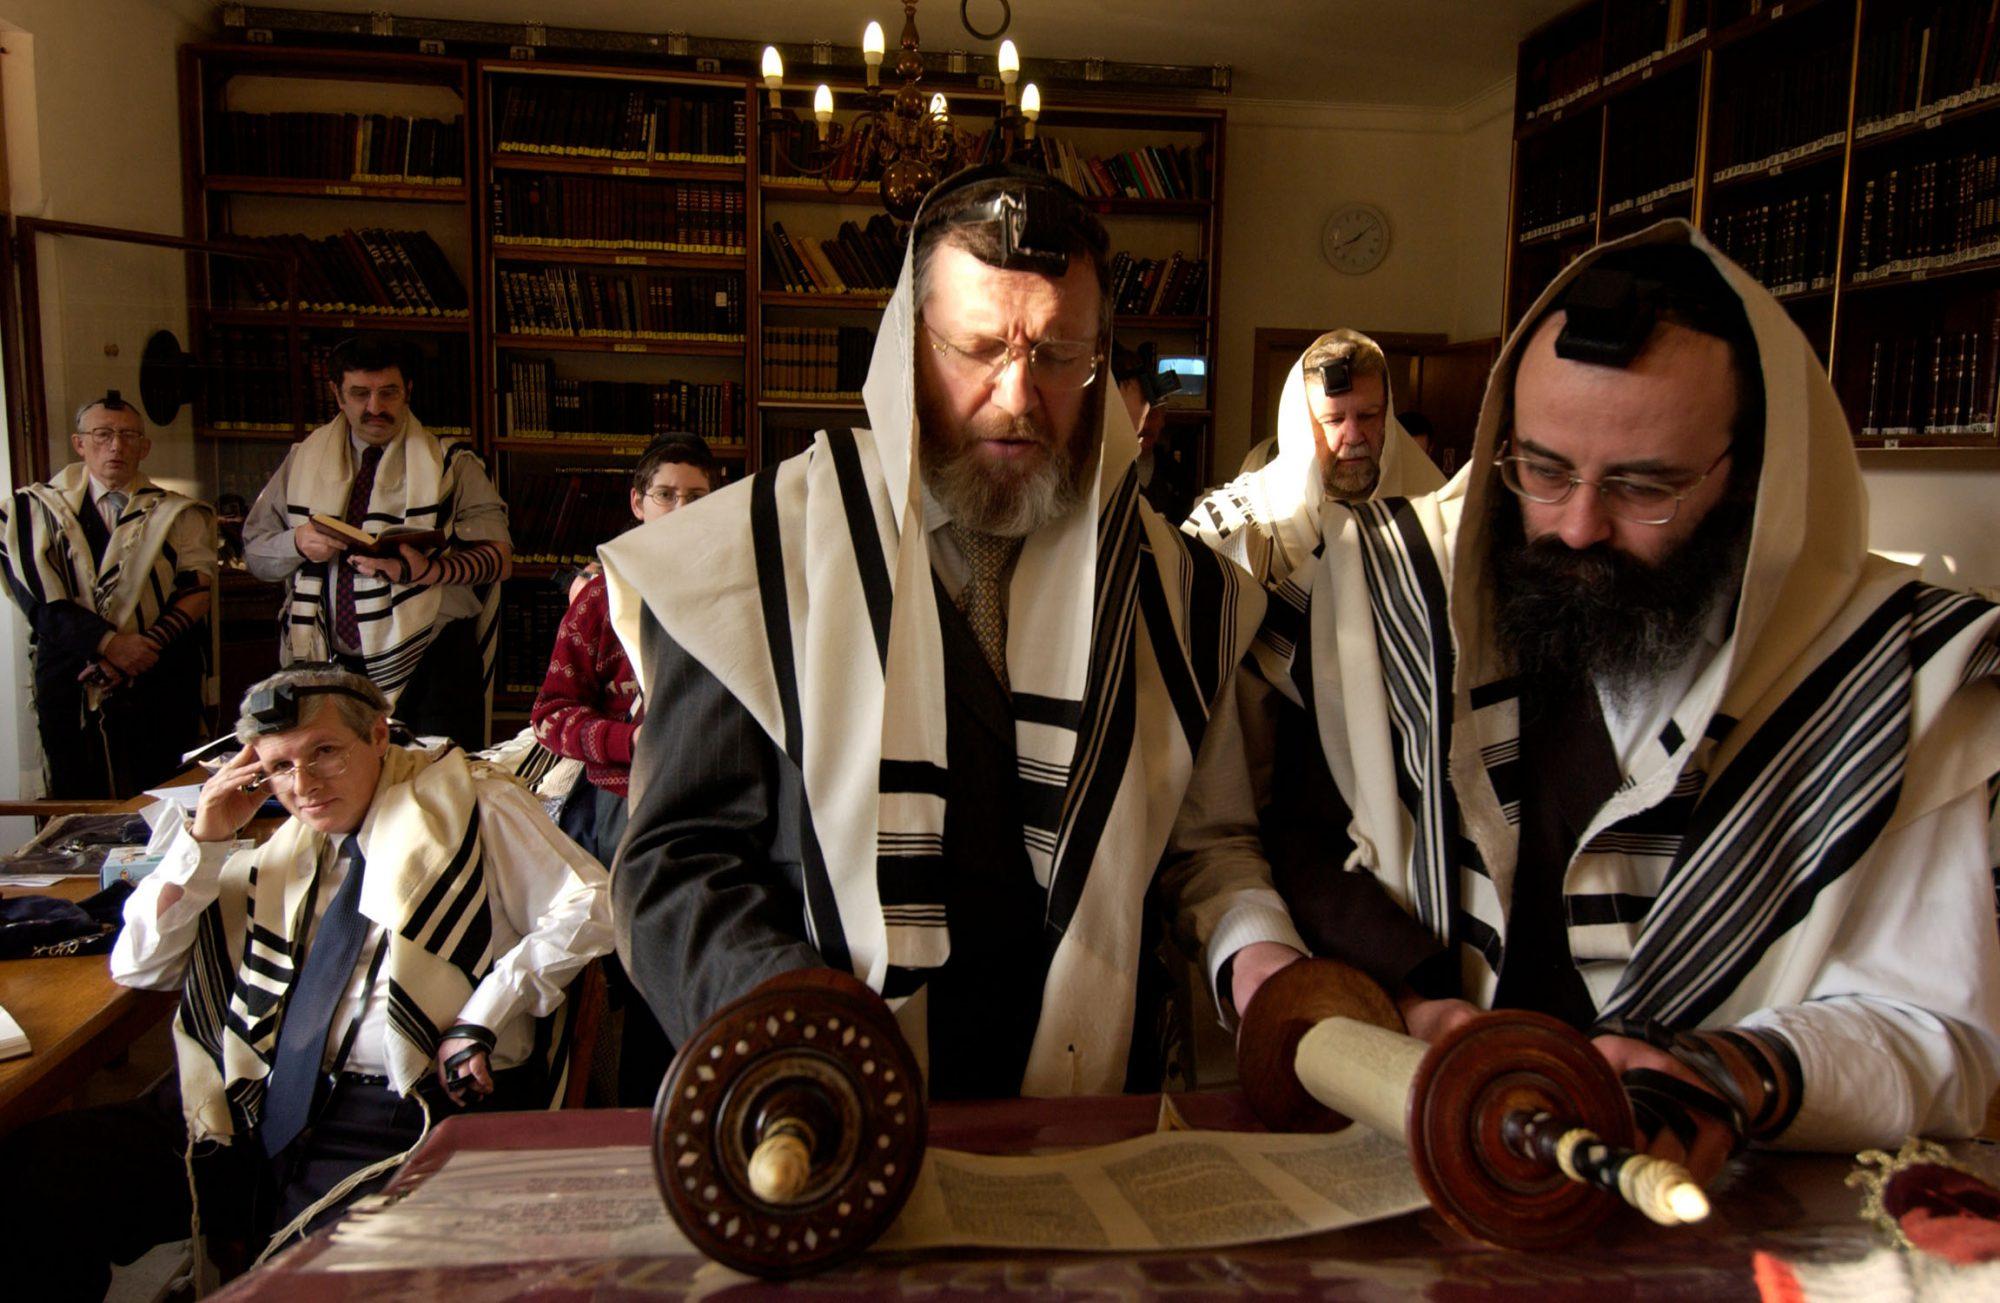 Judentum - Antwerpen - Belgien Morgengebet In Der Synagoge